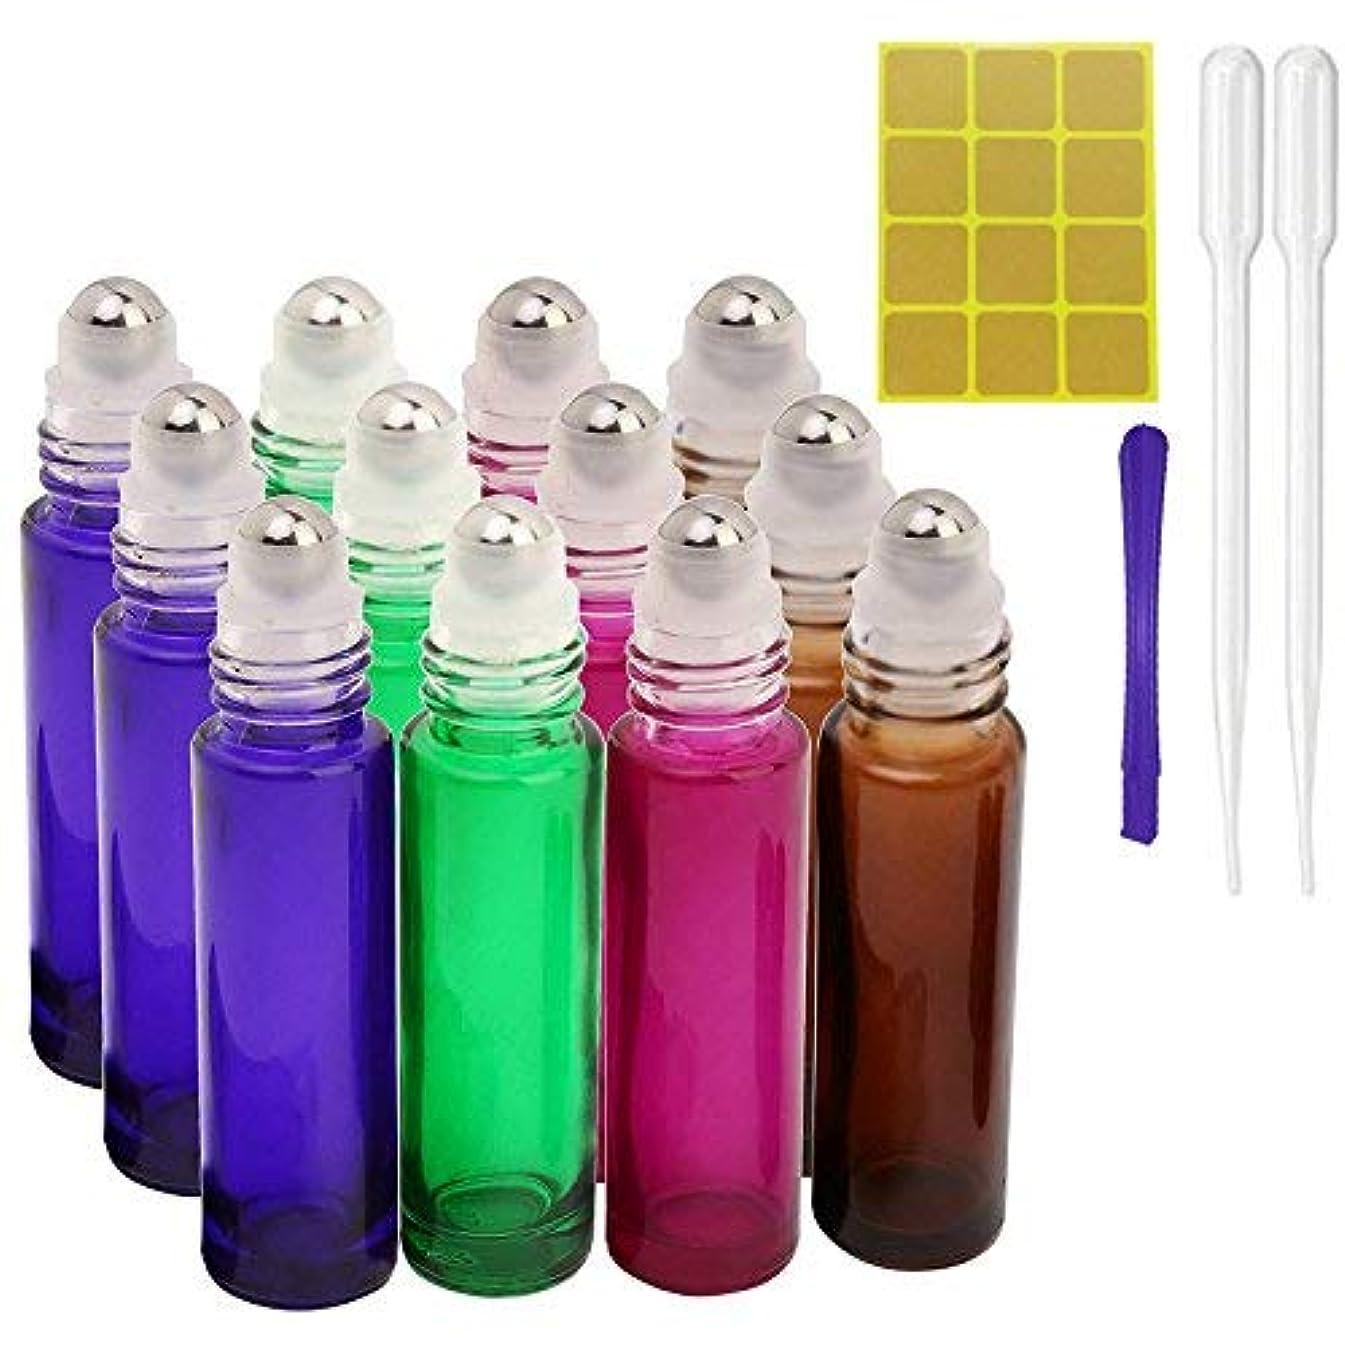 ベリー提出するくしゃくしゃ12, 10ml Roller Bottles for Essential Oils - Glass Refillable Roller on Bottles with 1 Opener, 2 Droppers, 24...